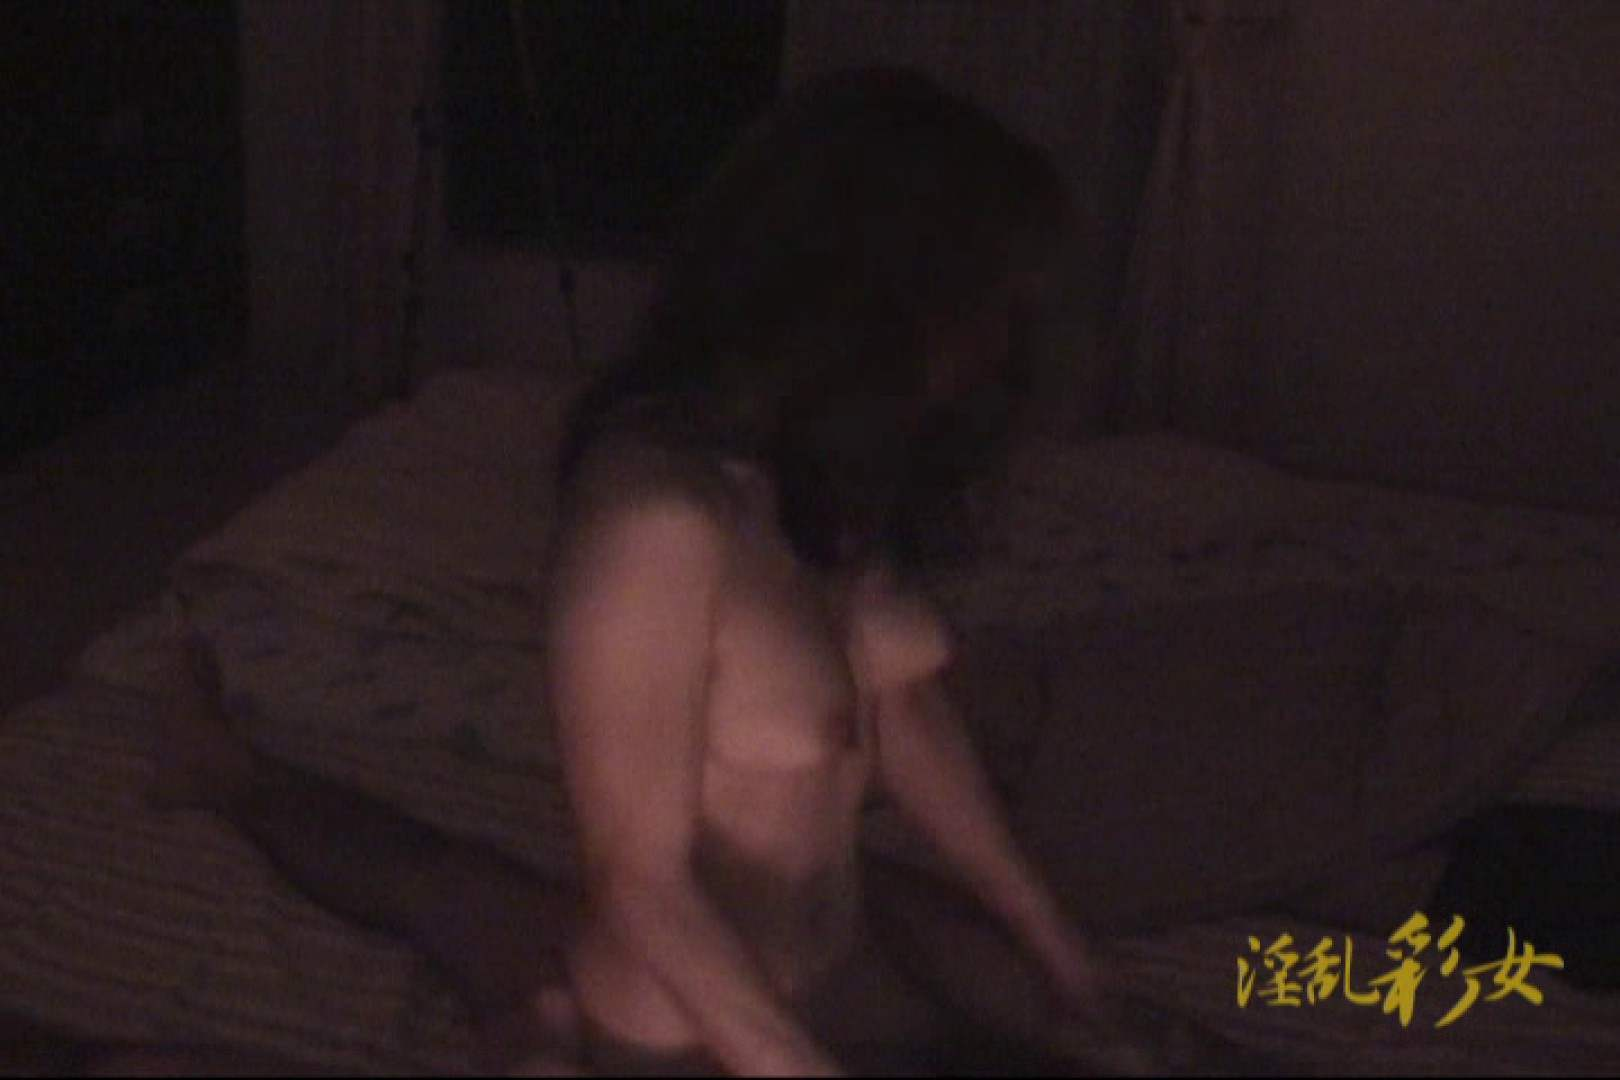 淫乱彩女 麻優里 禁断の彼氏 フェラ   淫乱  87pic 59